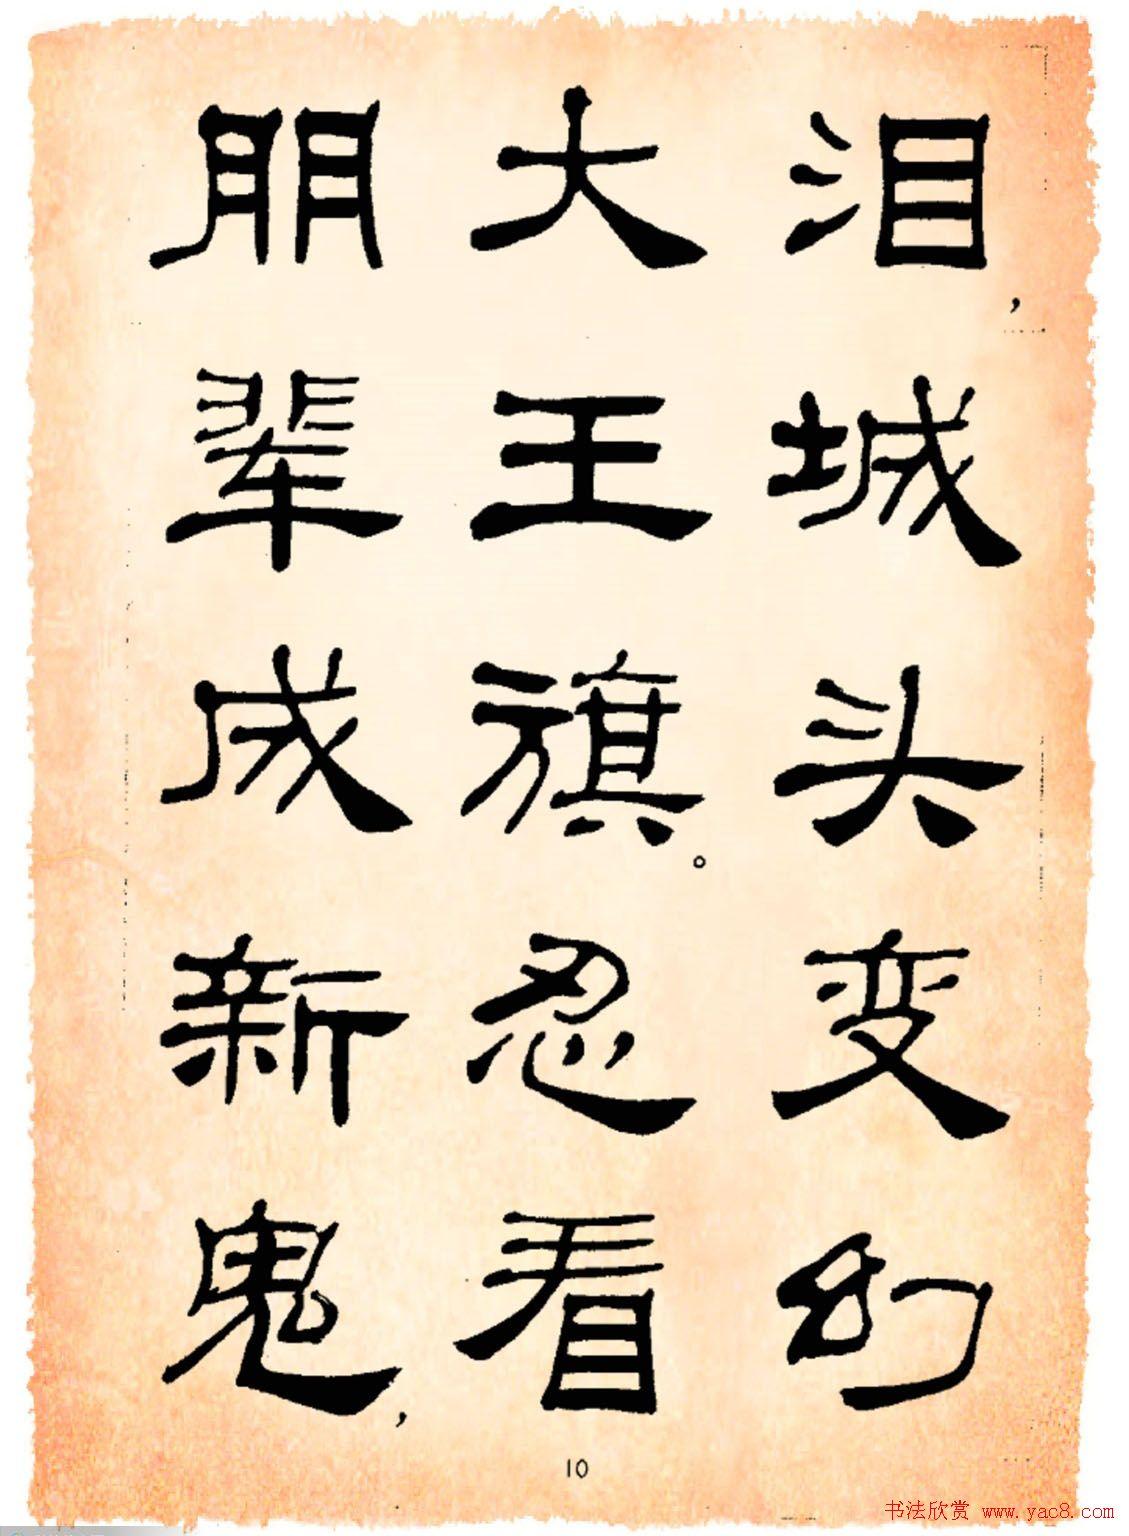 书法隶书字帖鲁迅诗歌选(10)图片